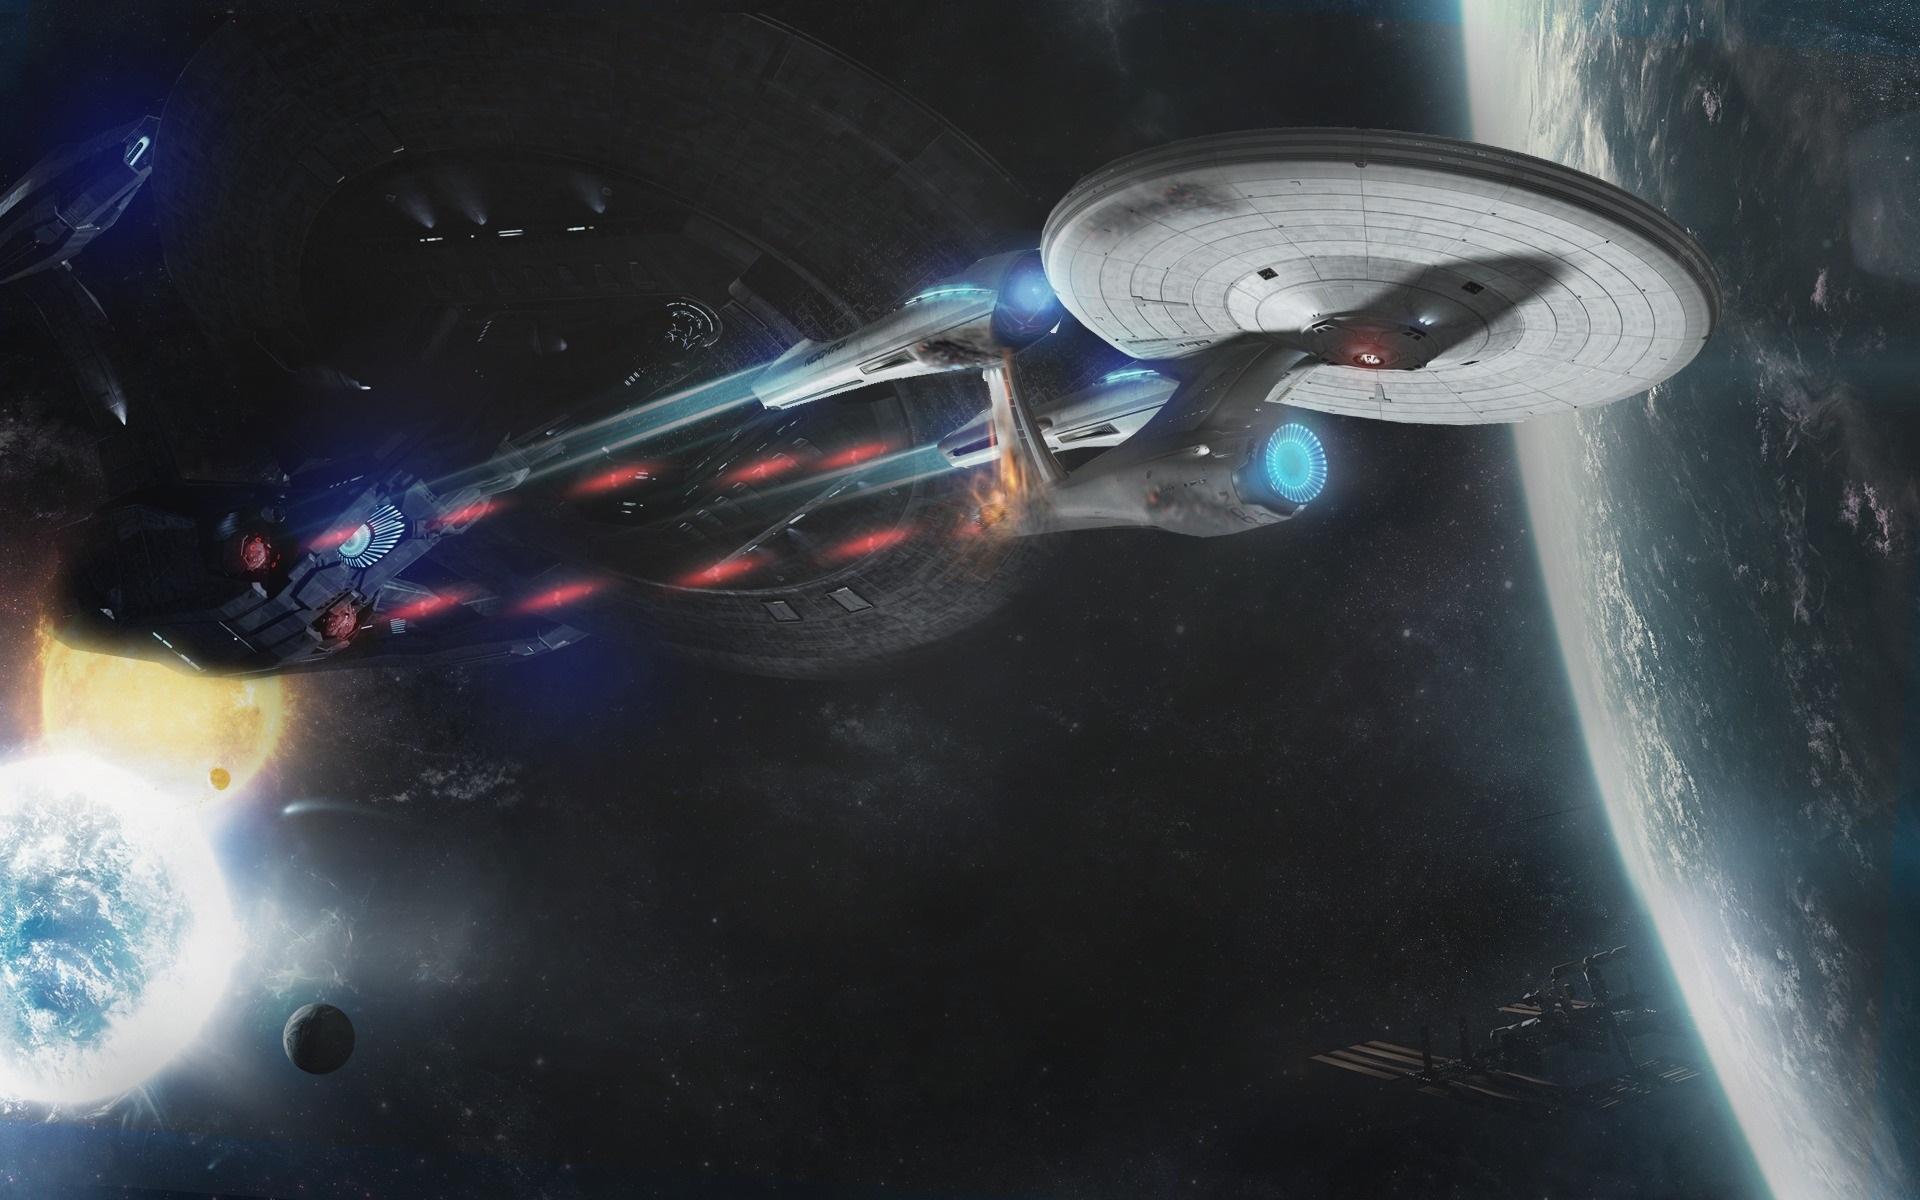 Wallpaper Star Trek Into Darkness Spaceship 1920x1200 Hd Picture